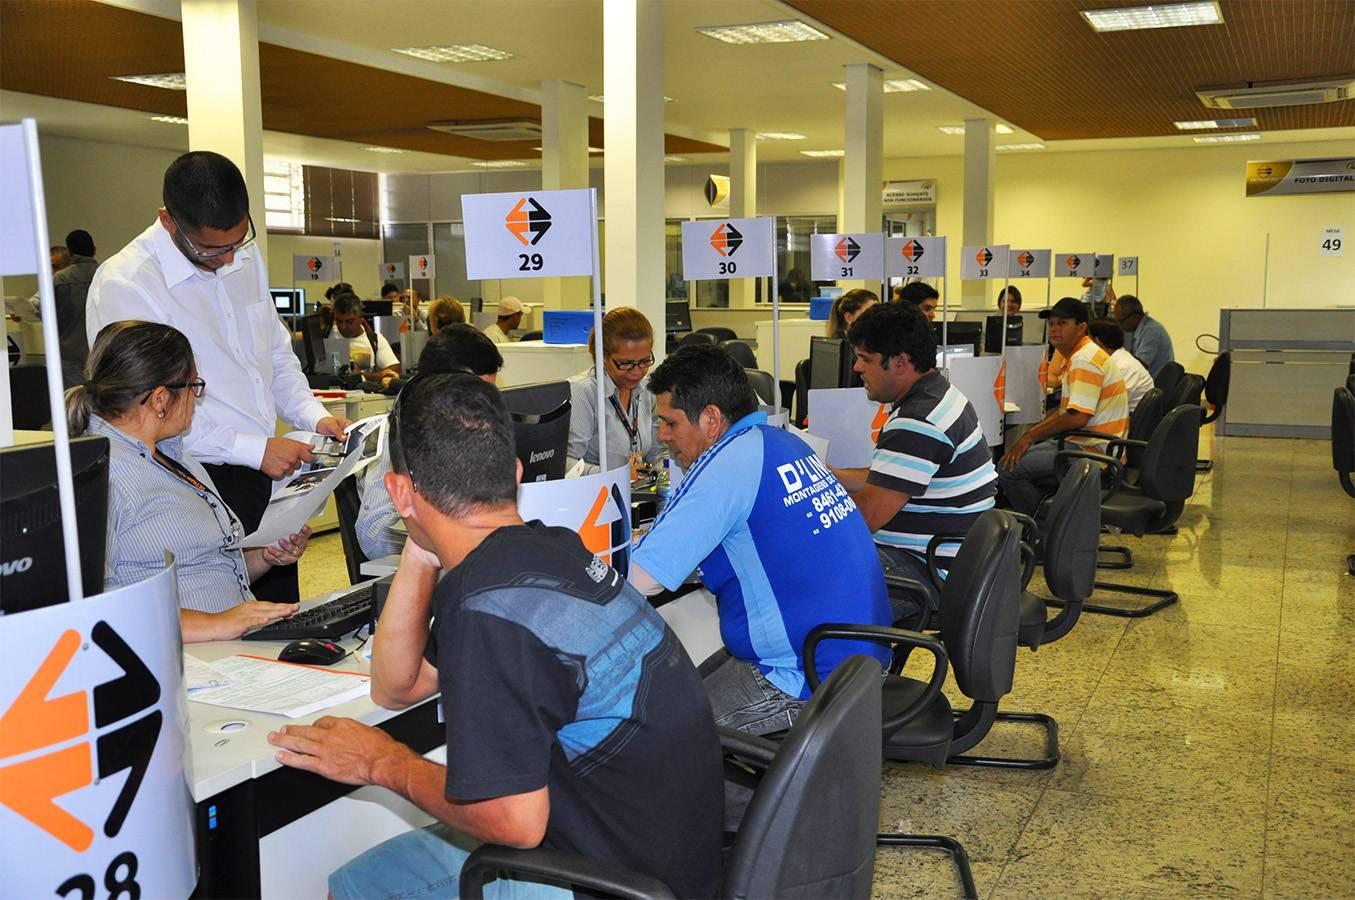 Comitiva do Maranhão visita dependências do Detran Goiás | Foto: Divulgação